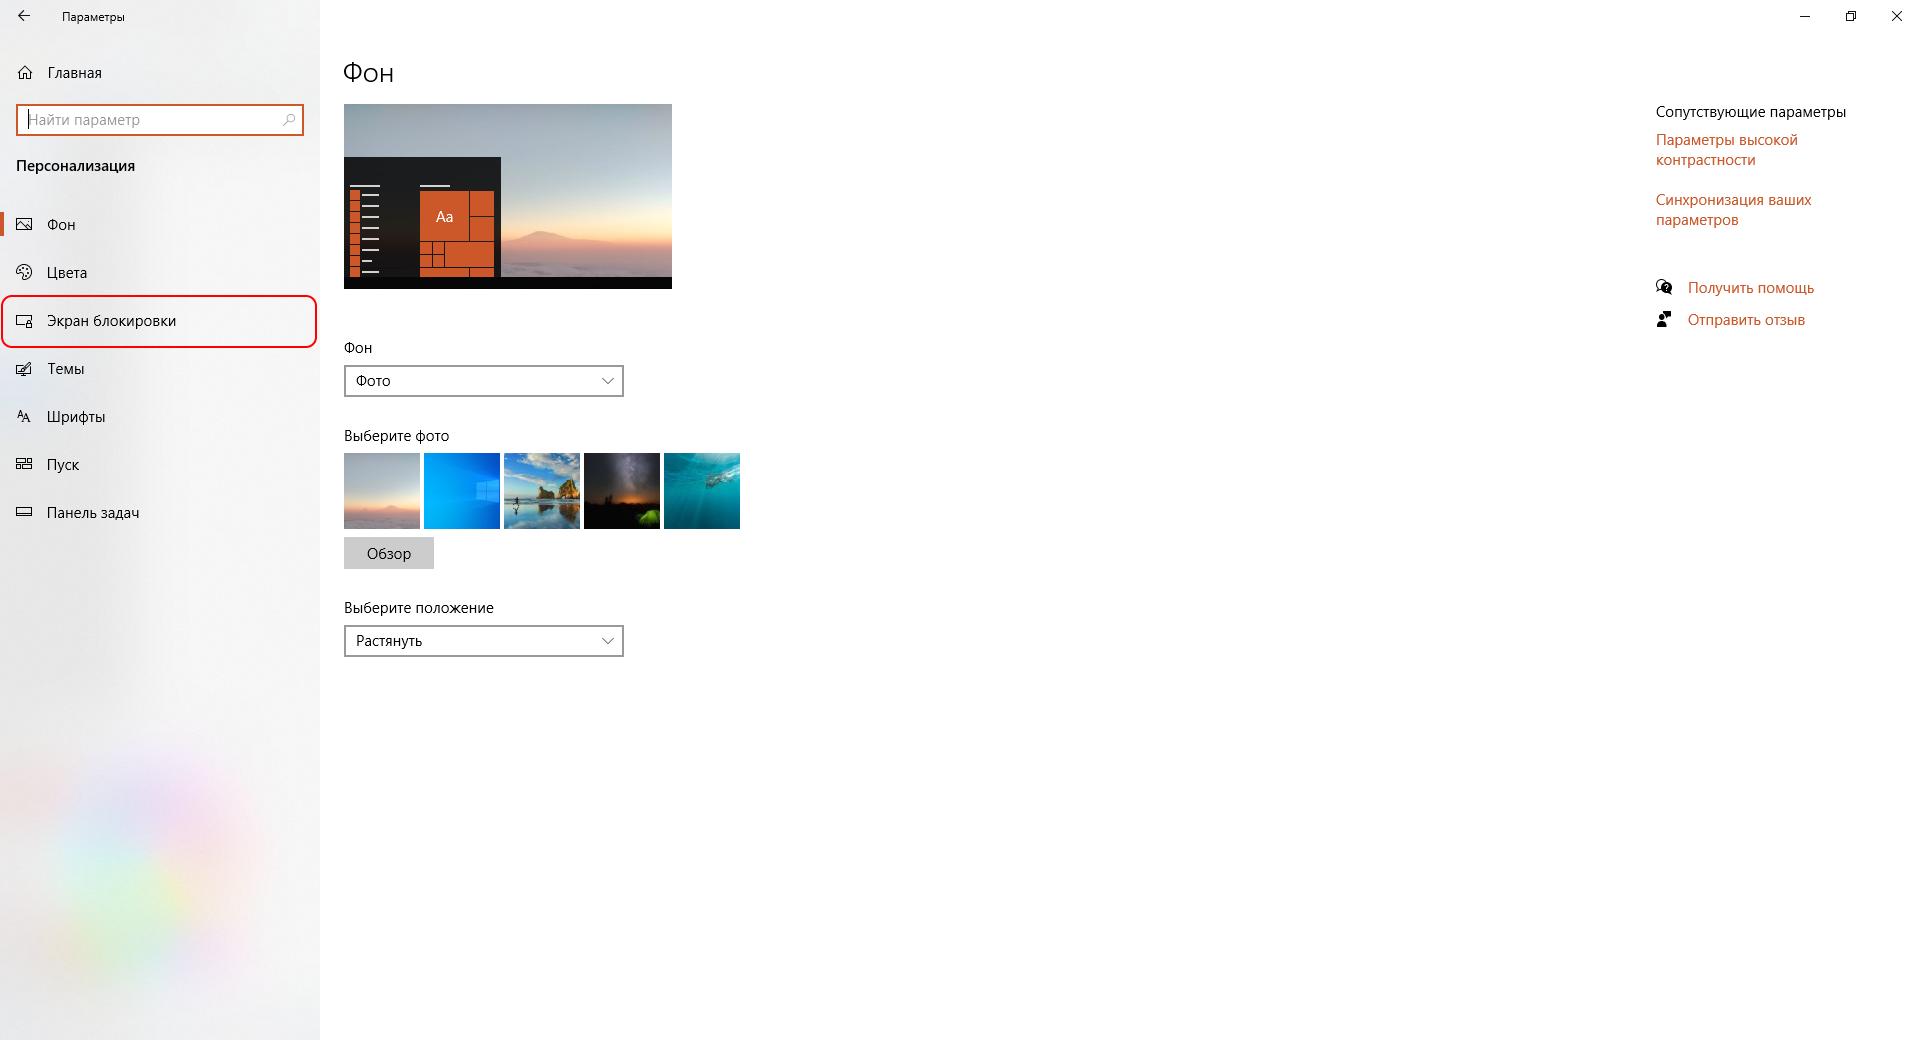 Выбор элемента 'Экран блокировки'